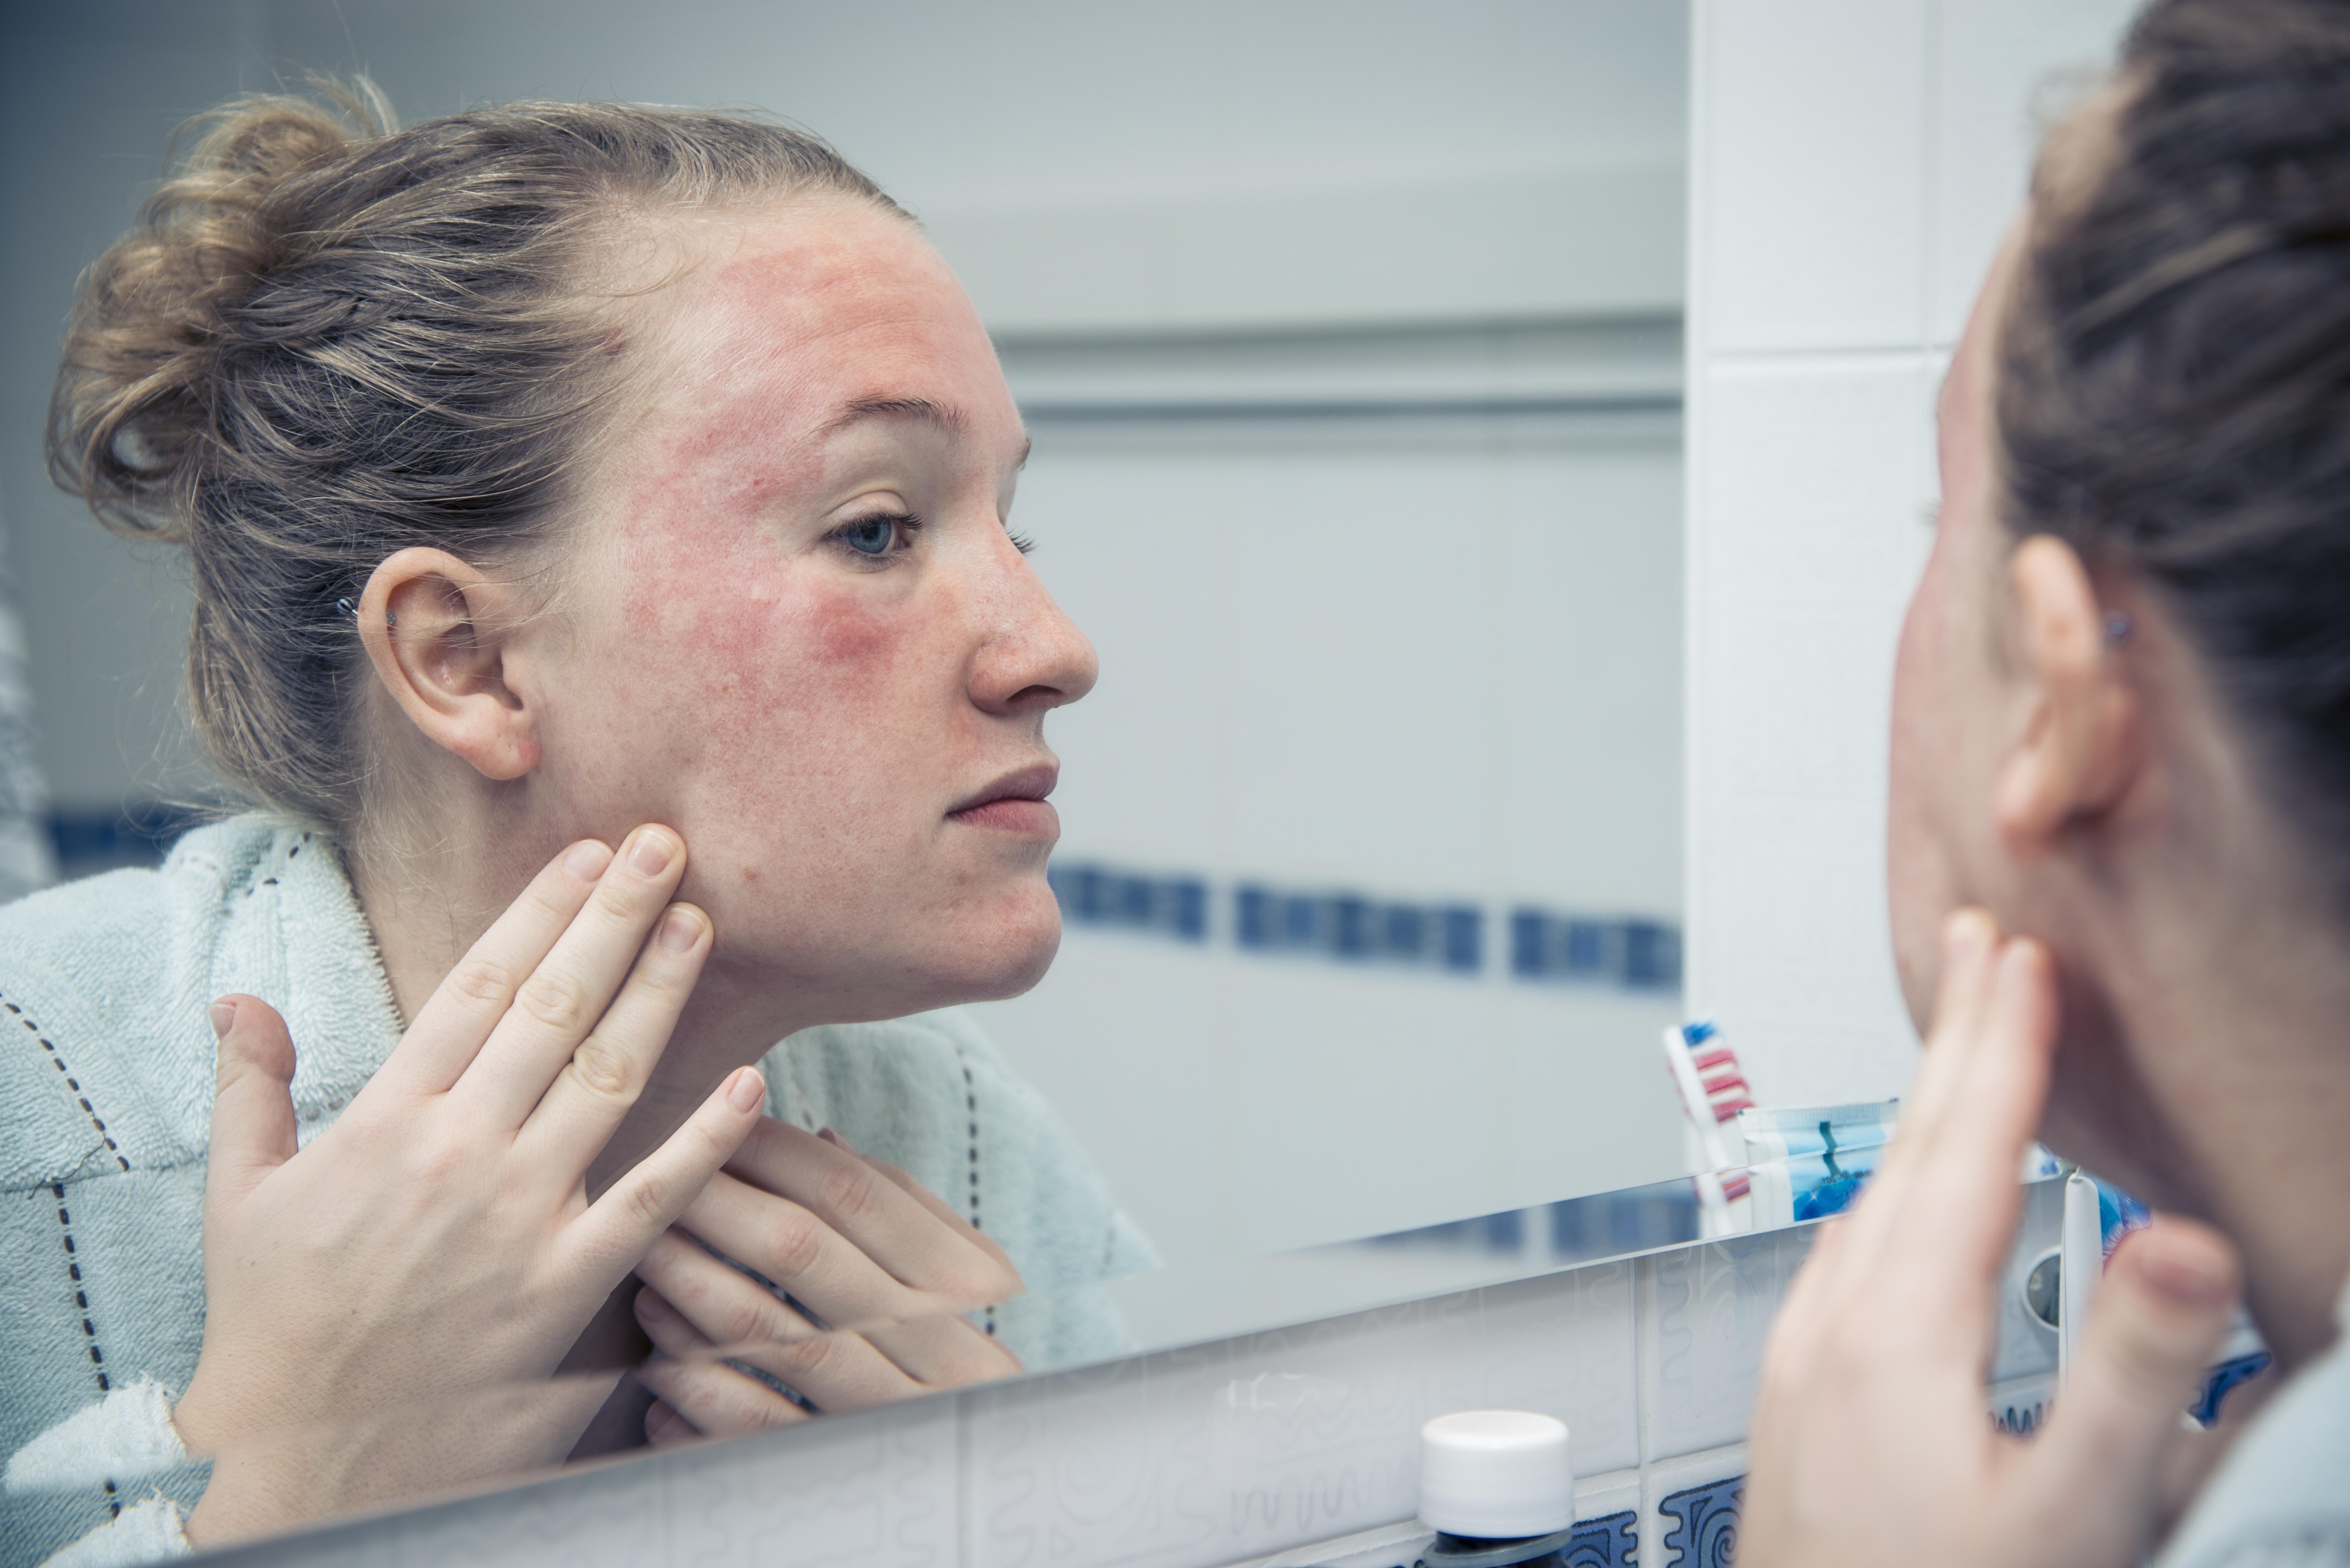 pikkelysömör népi gyógymódok viburnum kritériumok a pikkelysömör kezelésének hatékonyságára